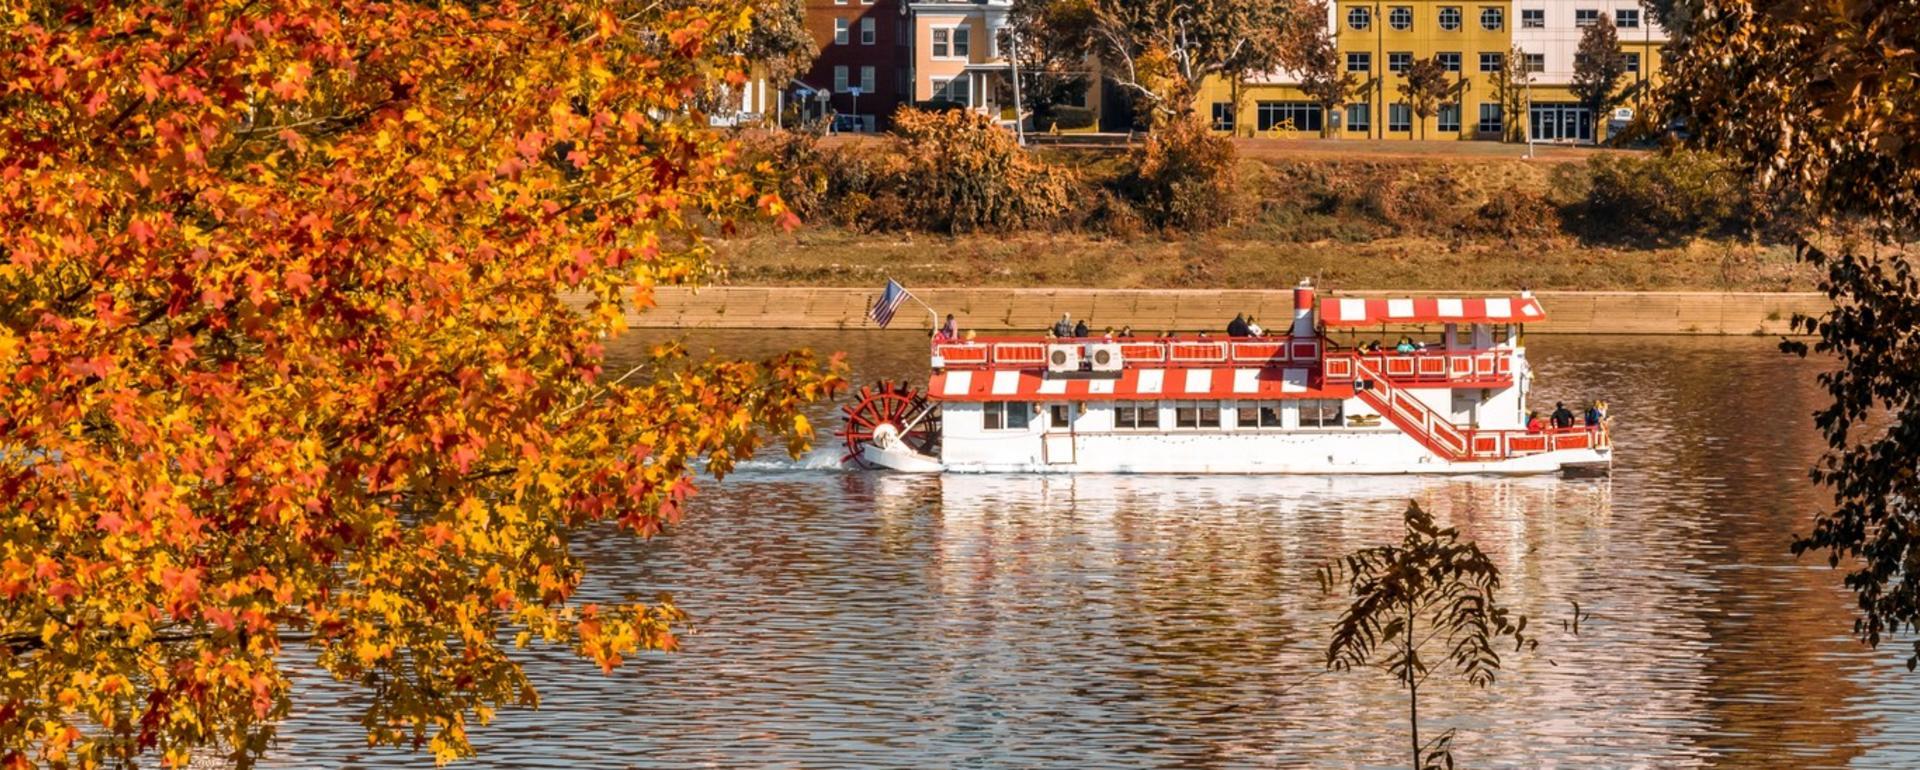 Harrisburg in the Fall